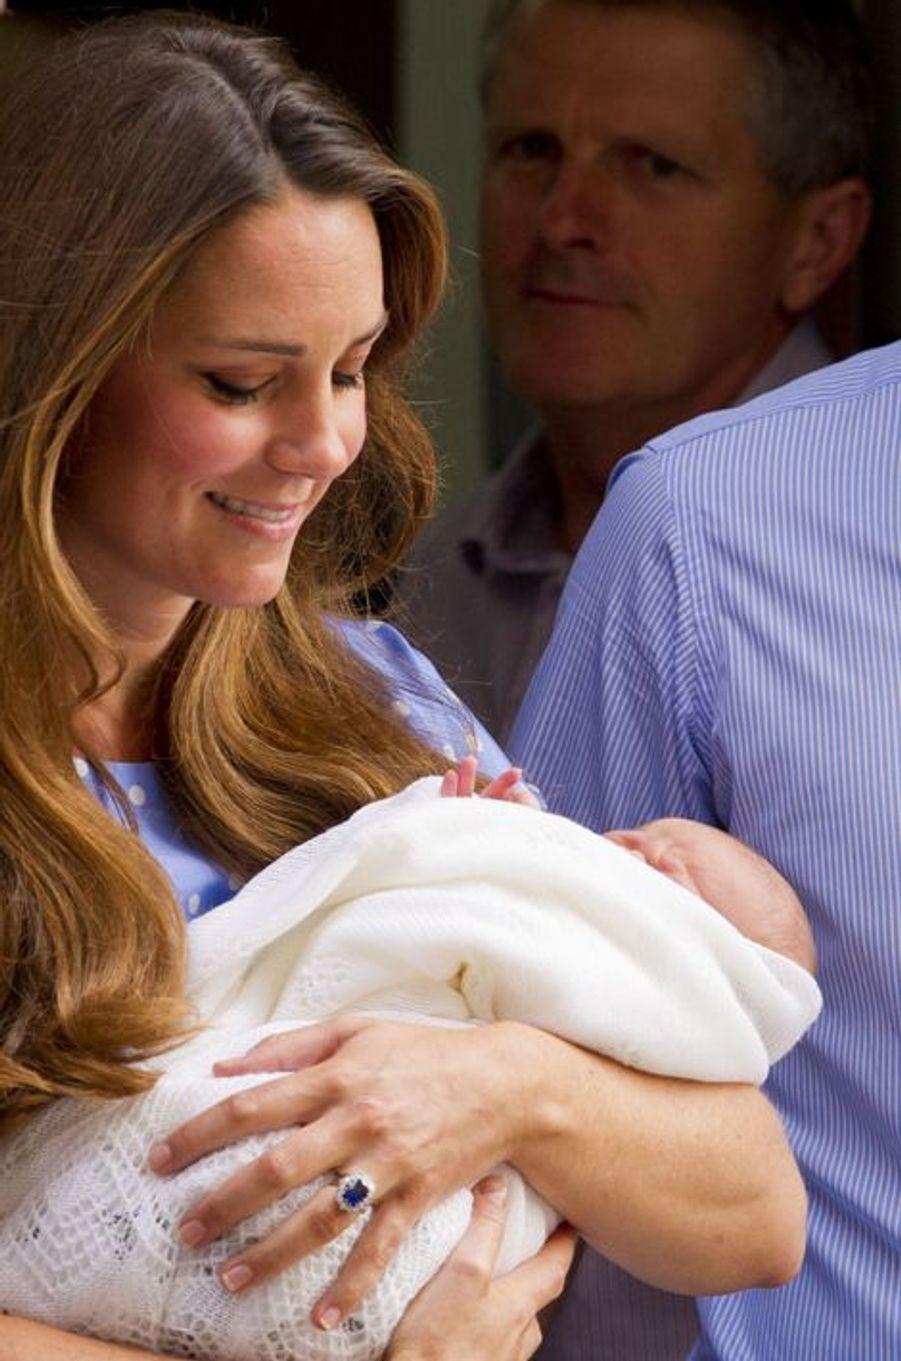 Le 23 juillet 2013 à l'hôpital St Mary, Londres, Royaume-Uni.